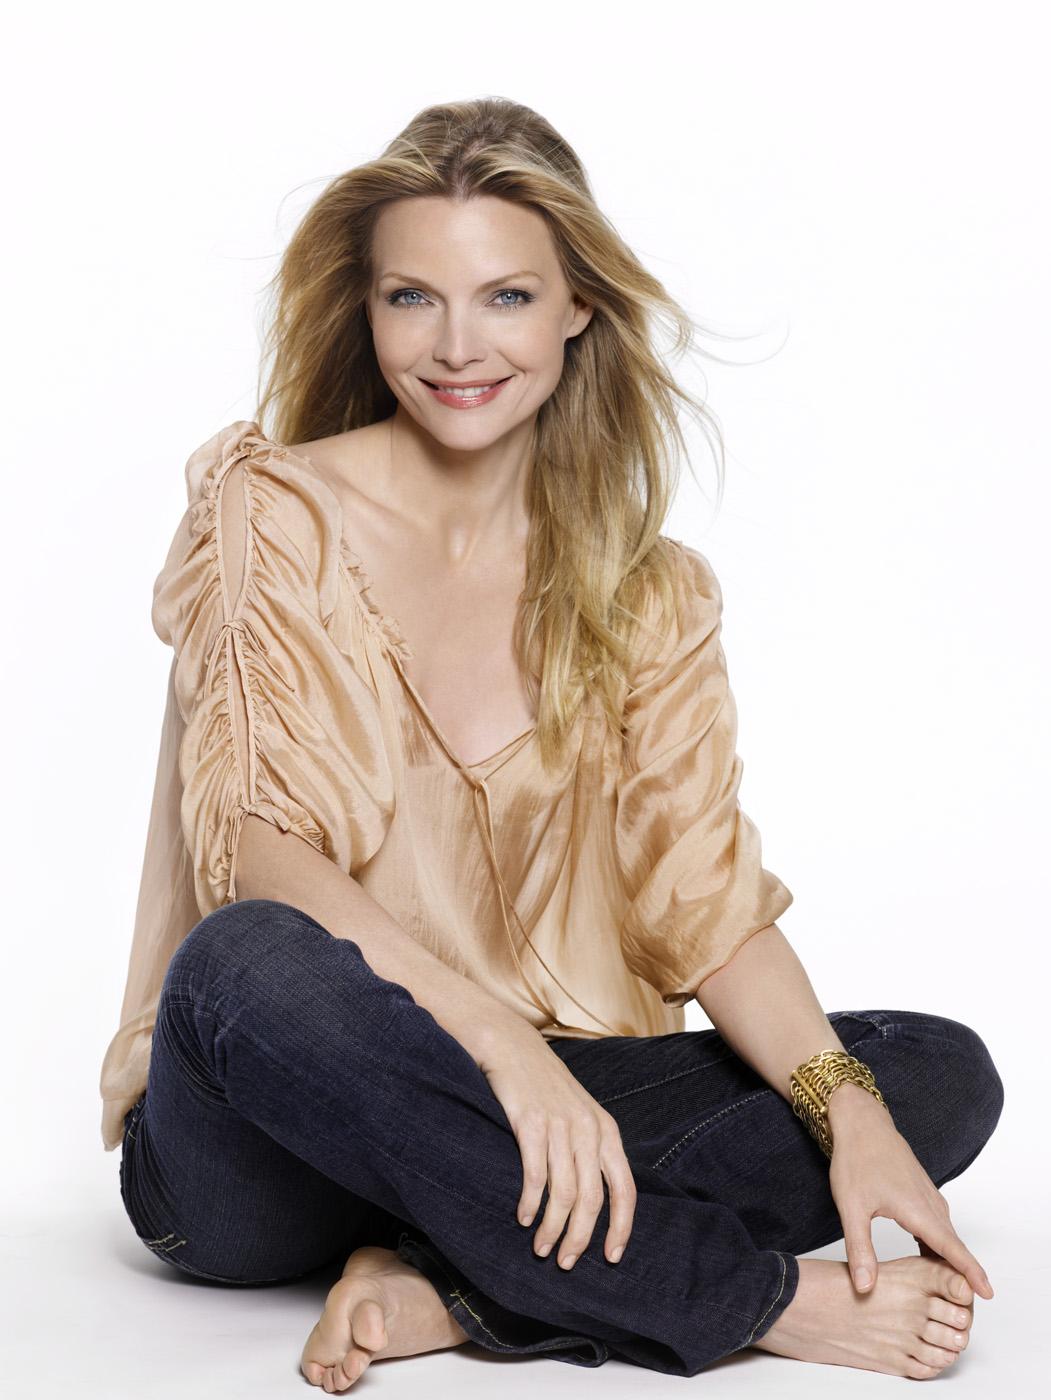 http://1.bp.blogspot.com/-E0gqiKnoYew/TaXpdumzwtI/AAAAAAAABMA/YK9KdUNlfBs/s1600/Michelle-Pfeiffer-Feet-372271.jpg